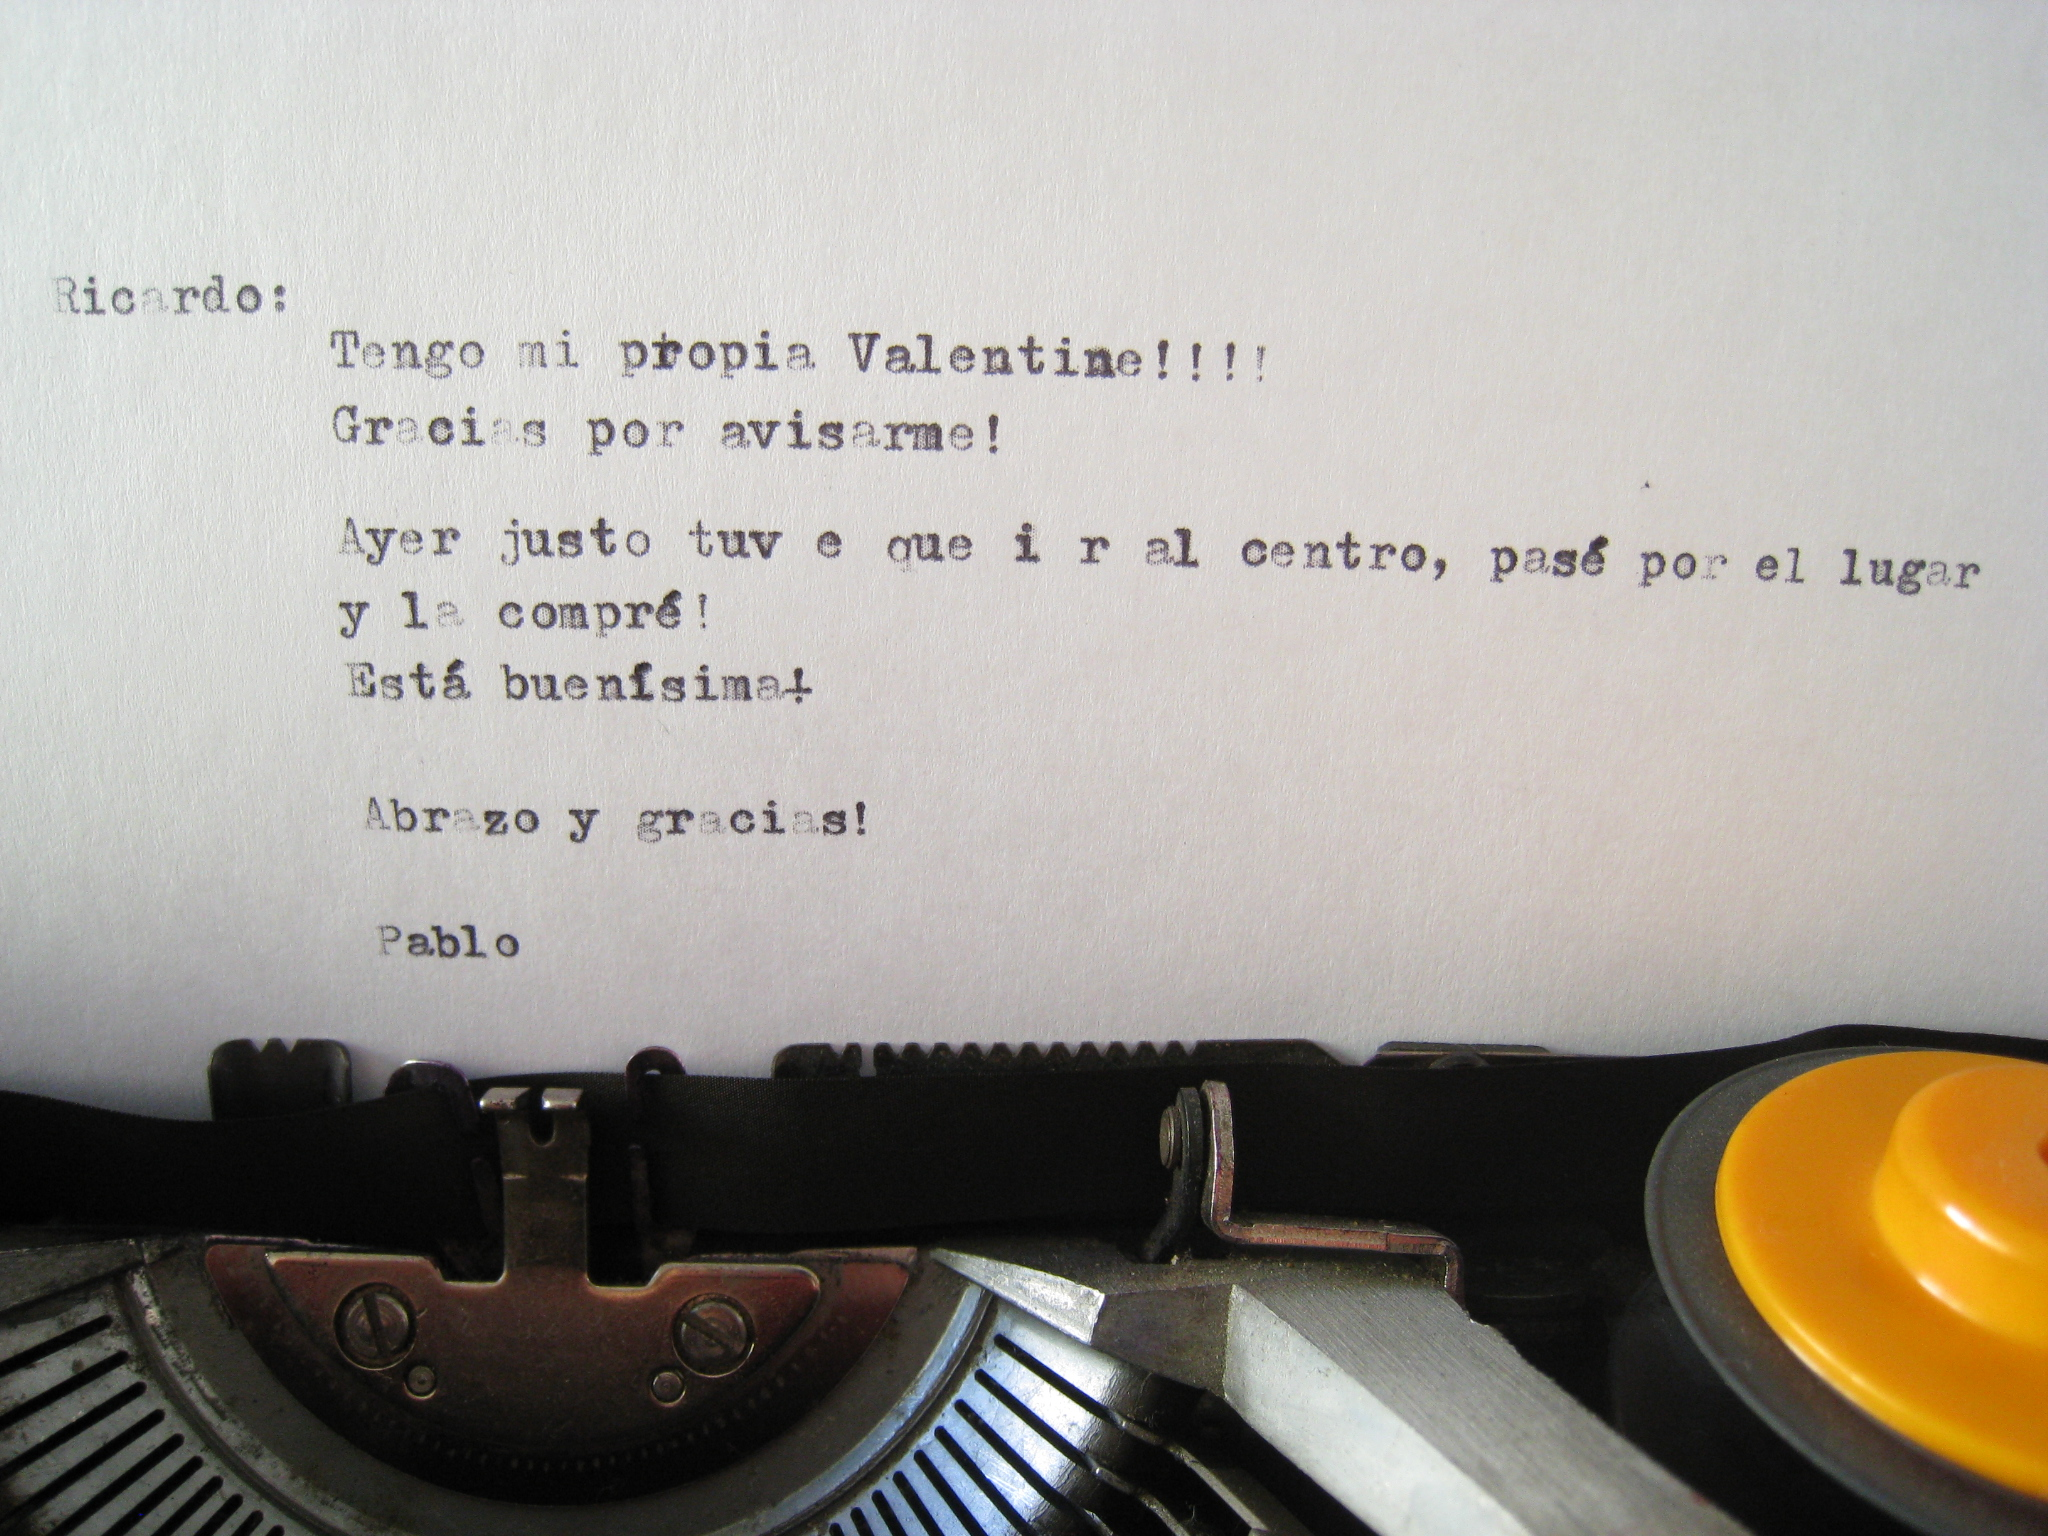 Y esto es lo que está escrito en la hoja puesta en la máquina, que no se llega a leer en la revista.